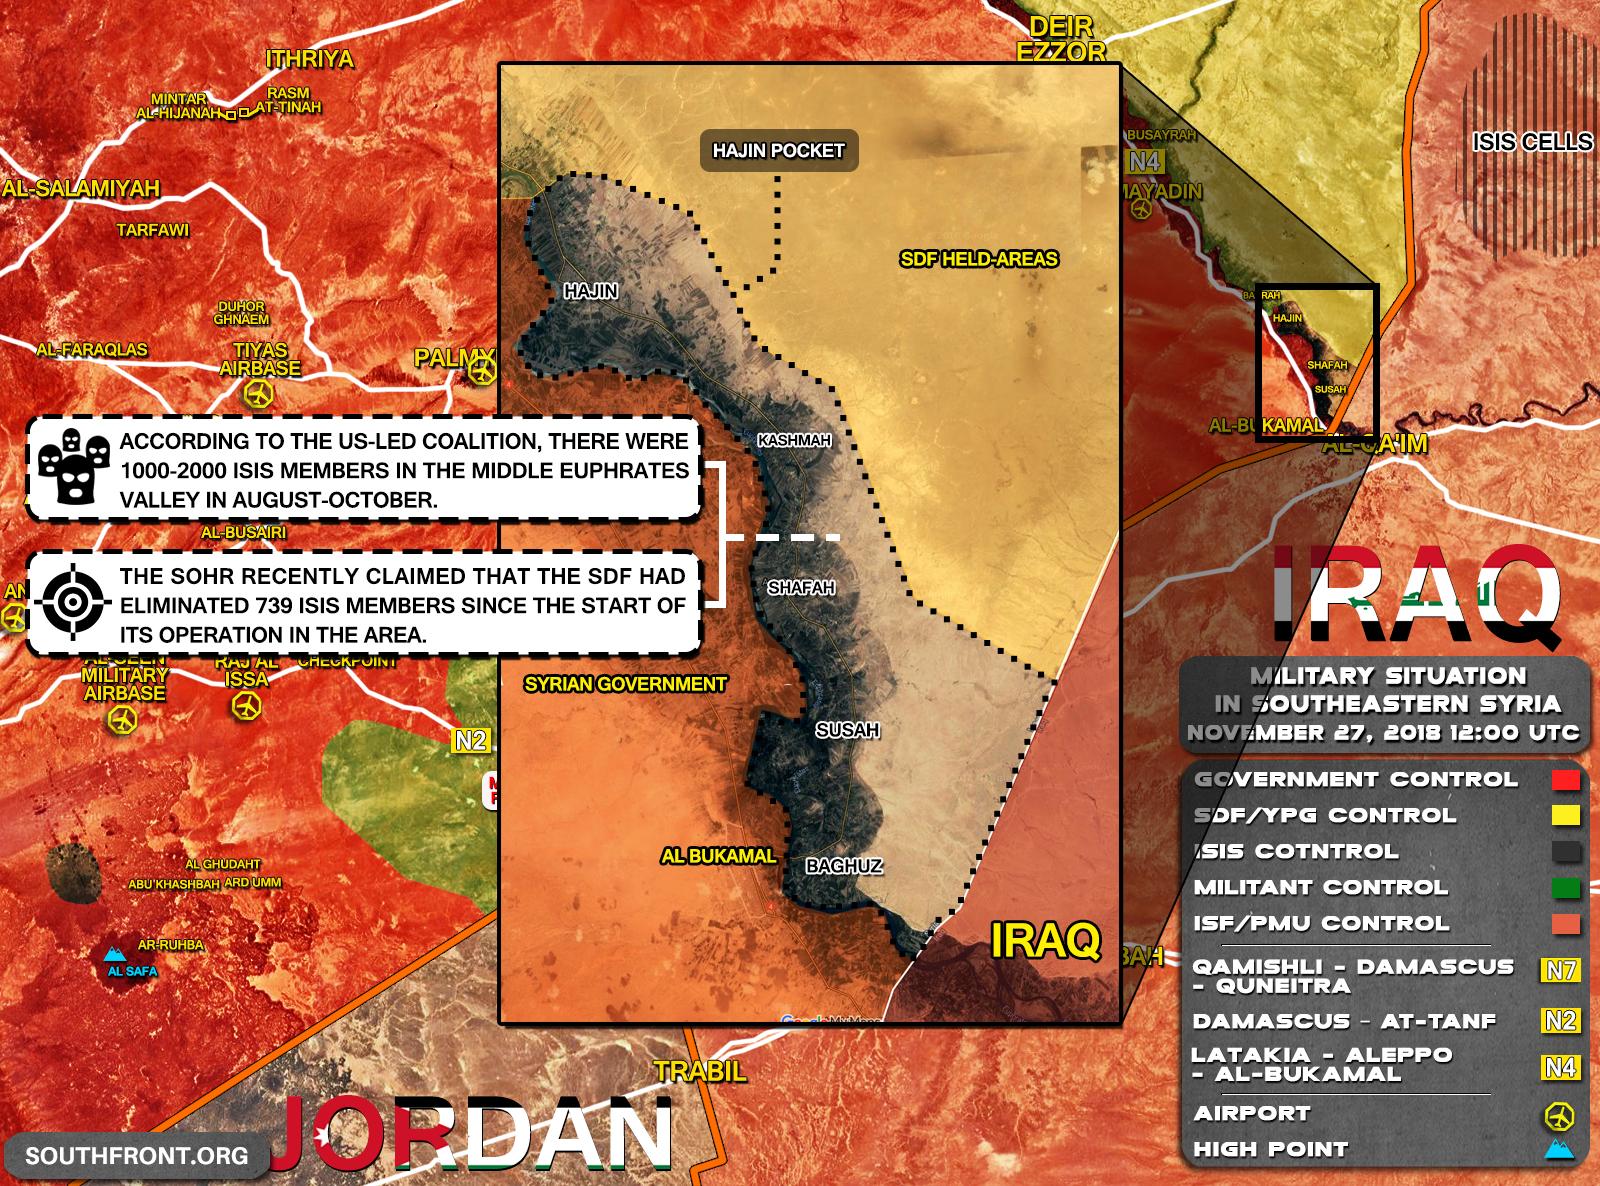 Značné ztráty jednotek SDF v boji proti IS v oblasti Deir Ezzor